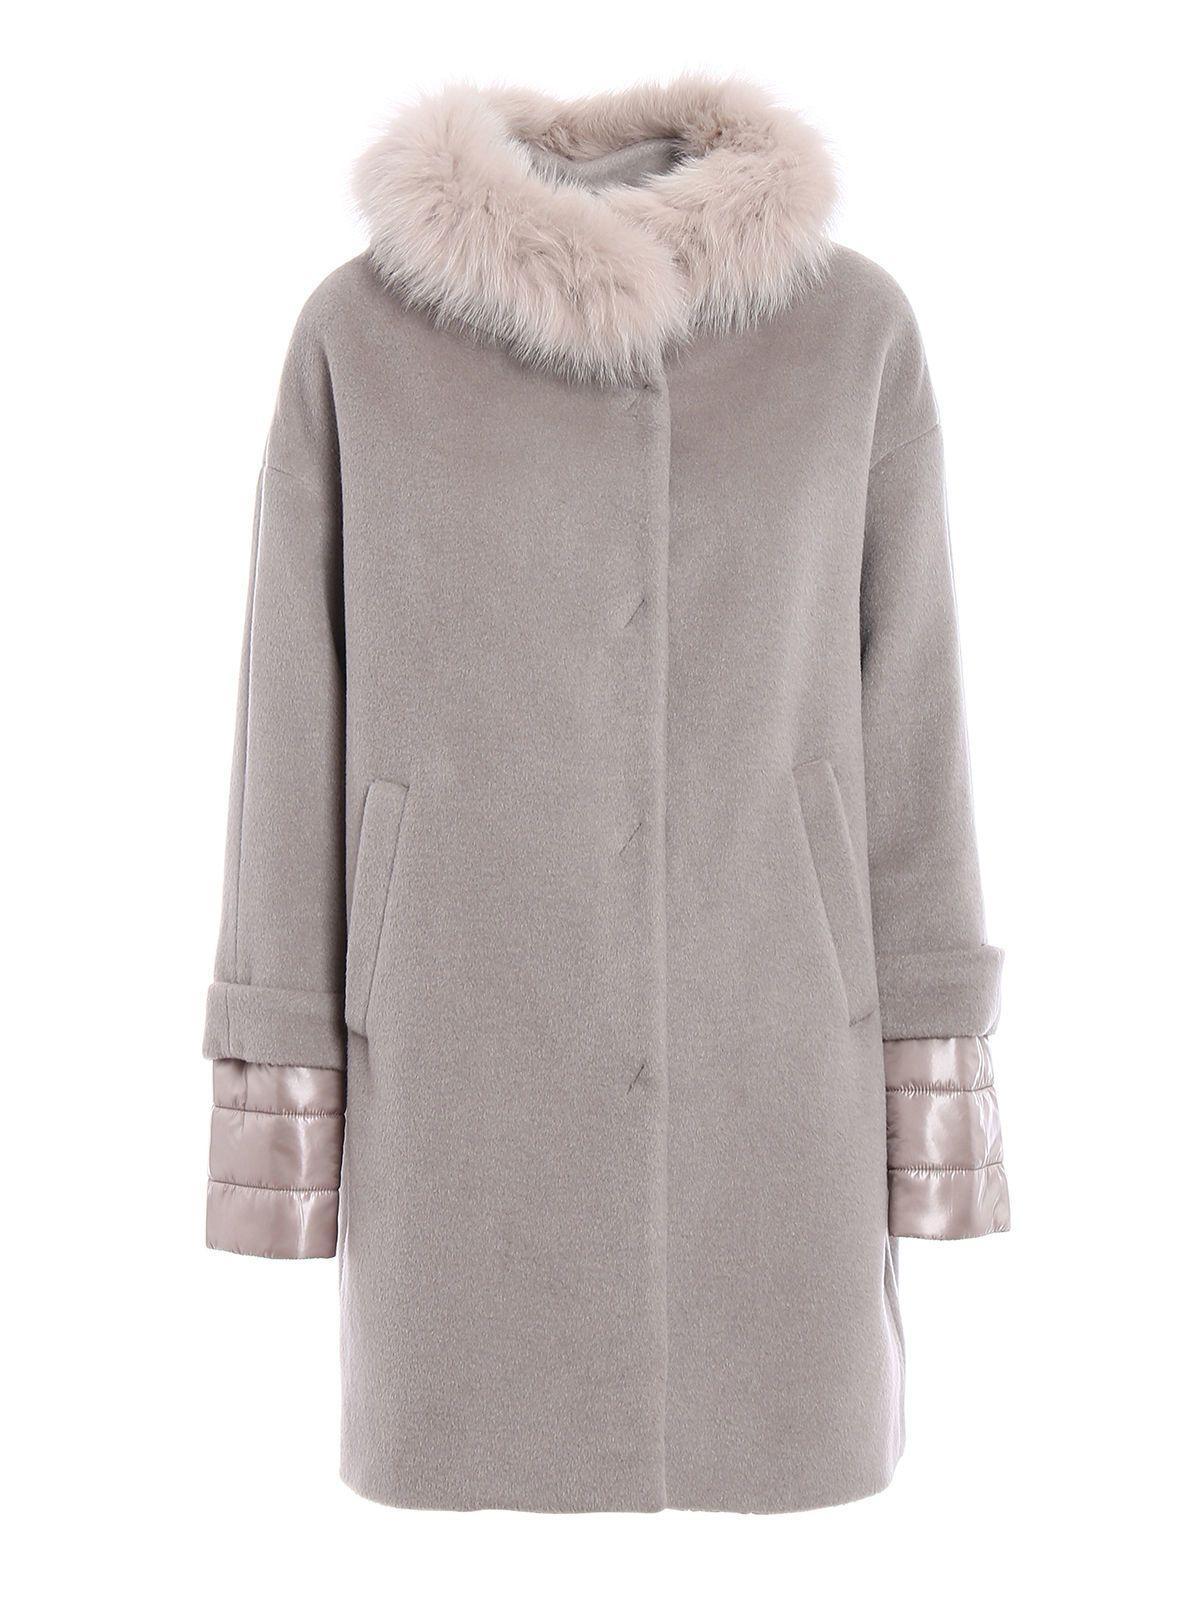 Herno Coat In Beige